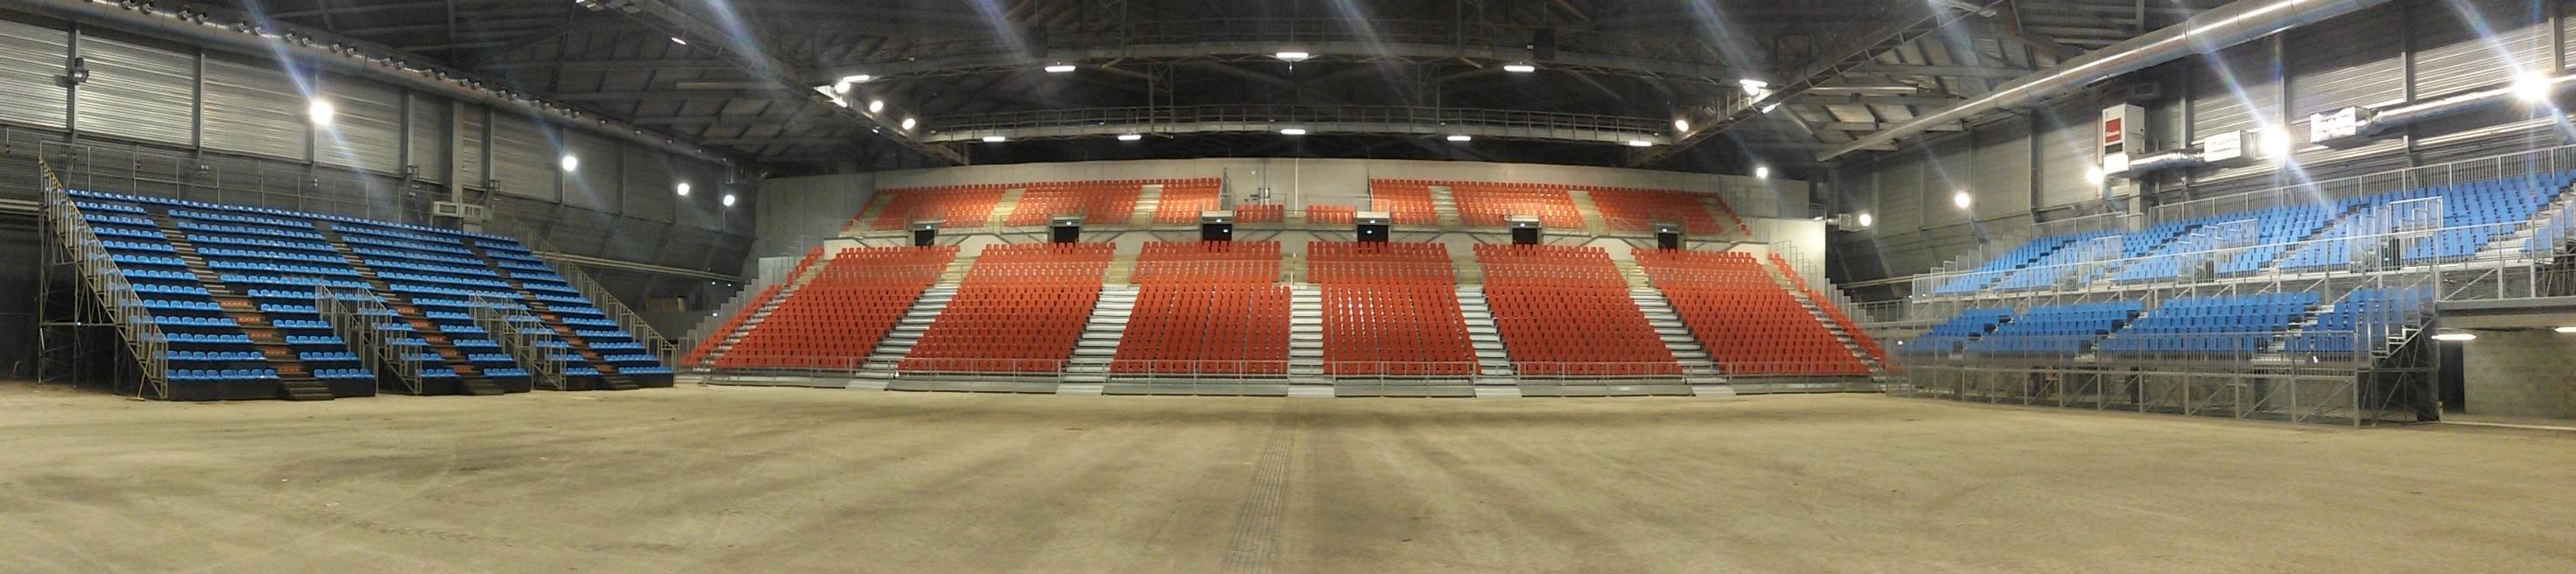 Tribune démontable à La Halle Olympique d'Albertville